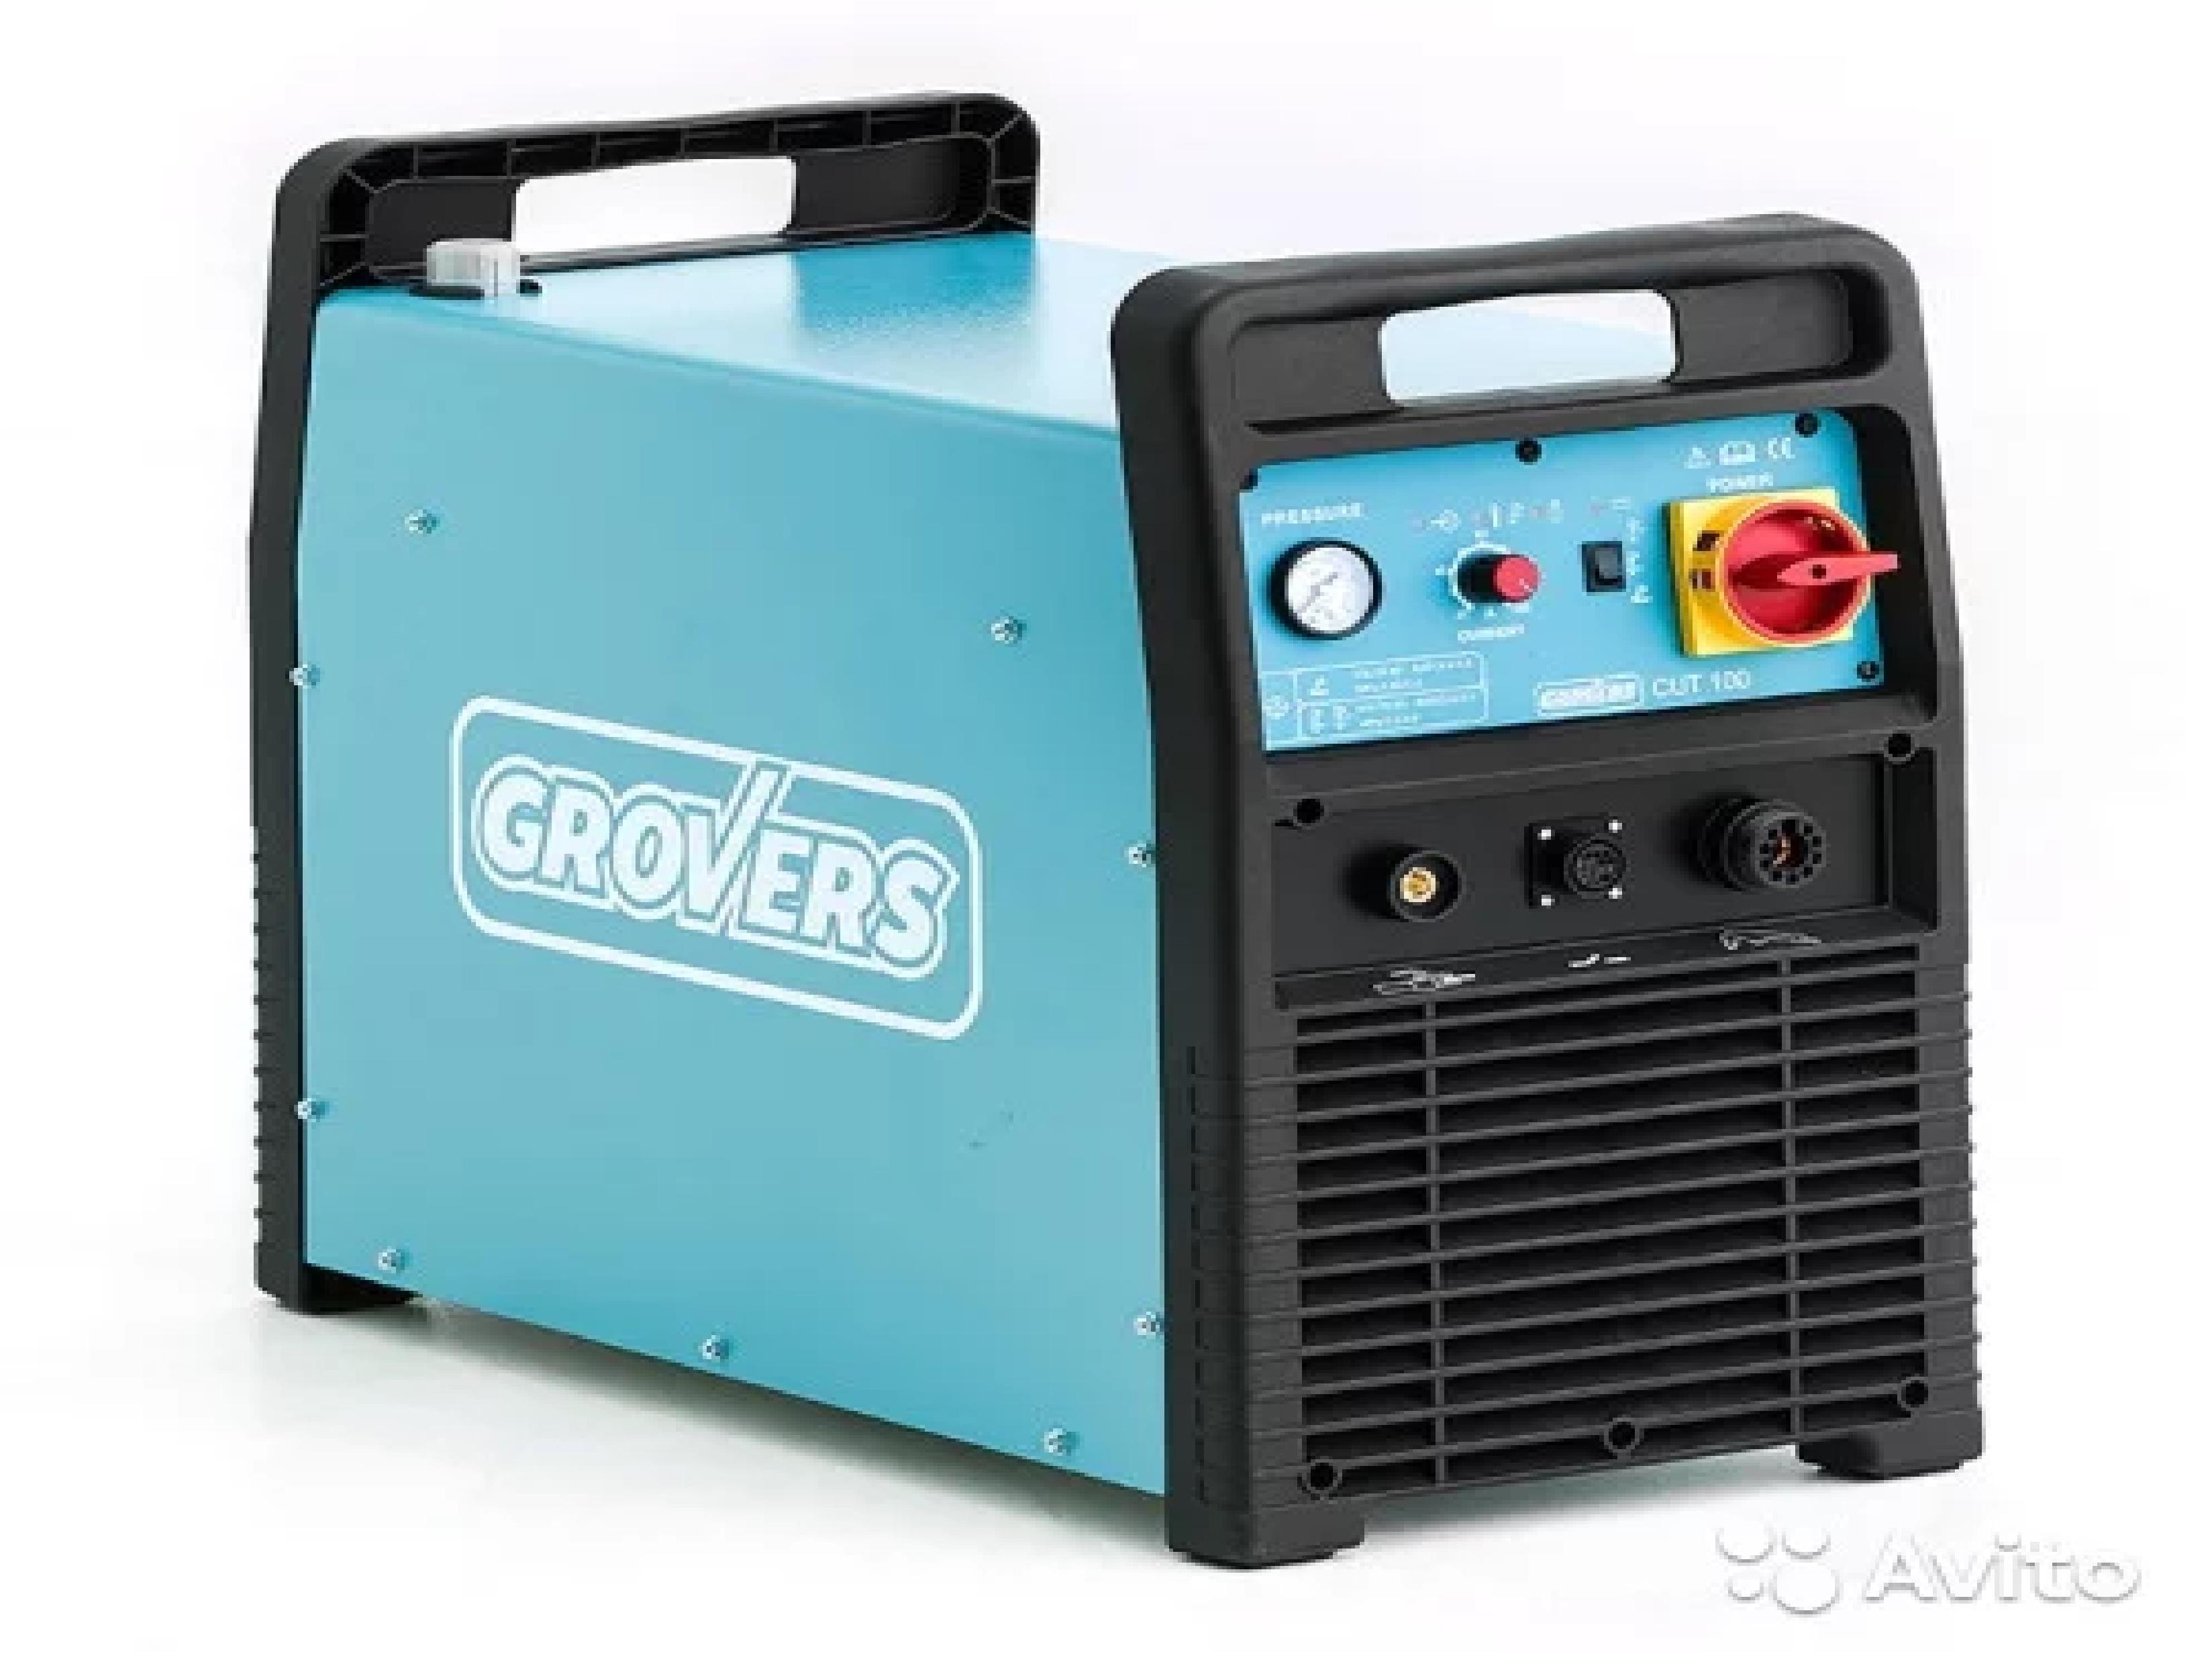 Инвертор для плазменной резки grovers CUT 100